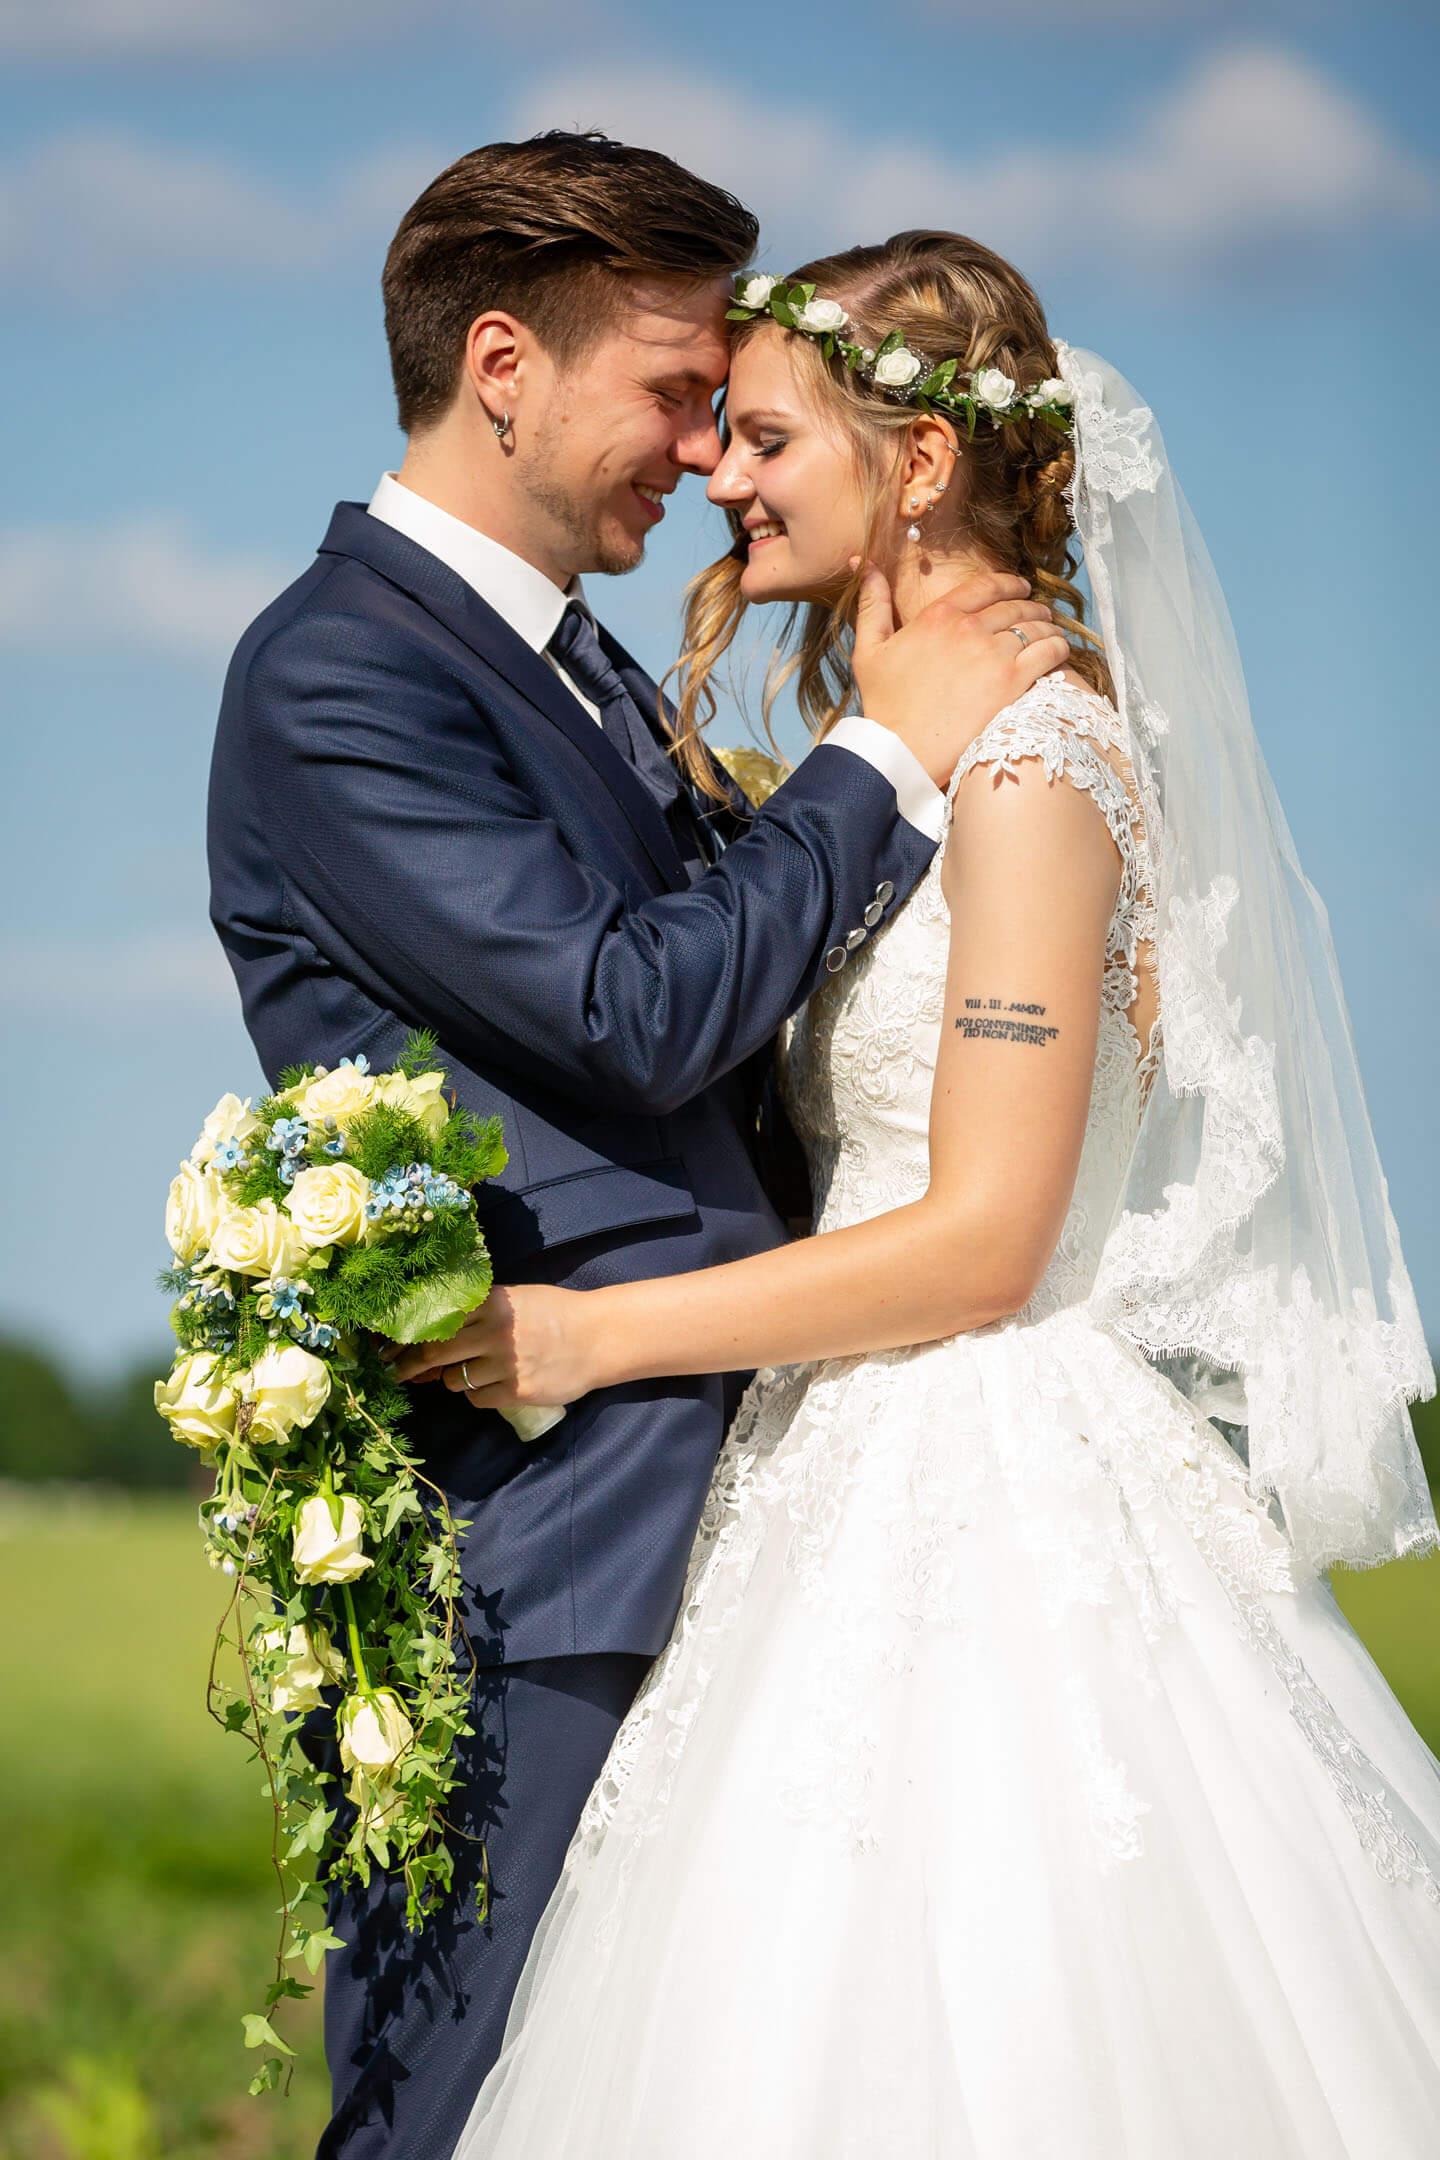 Emotionale Hochzeitsfotos bei der Ziegelei in Raa-Besenbek